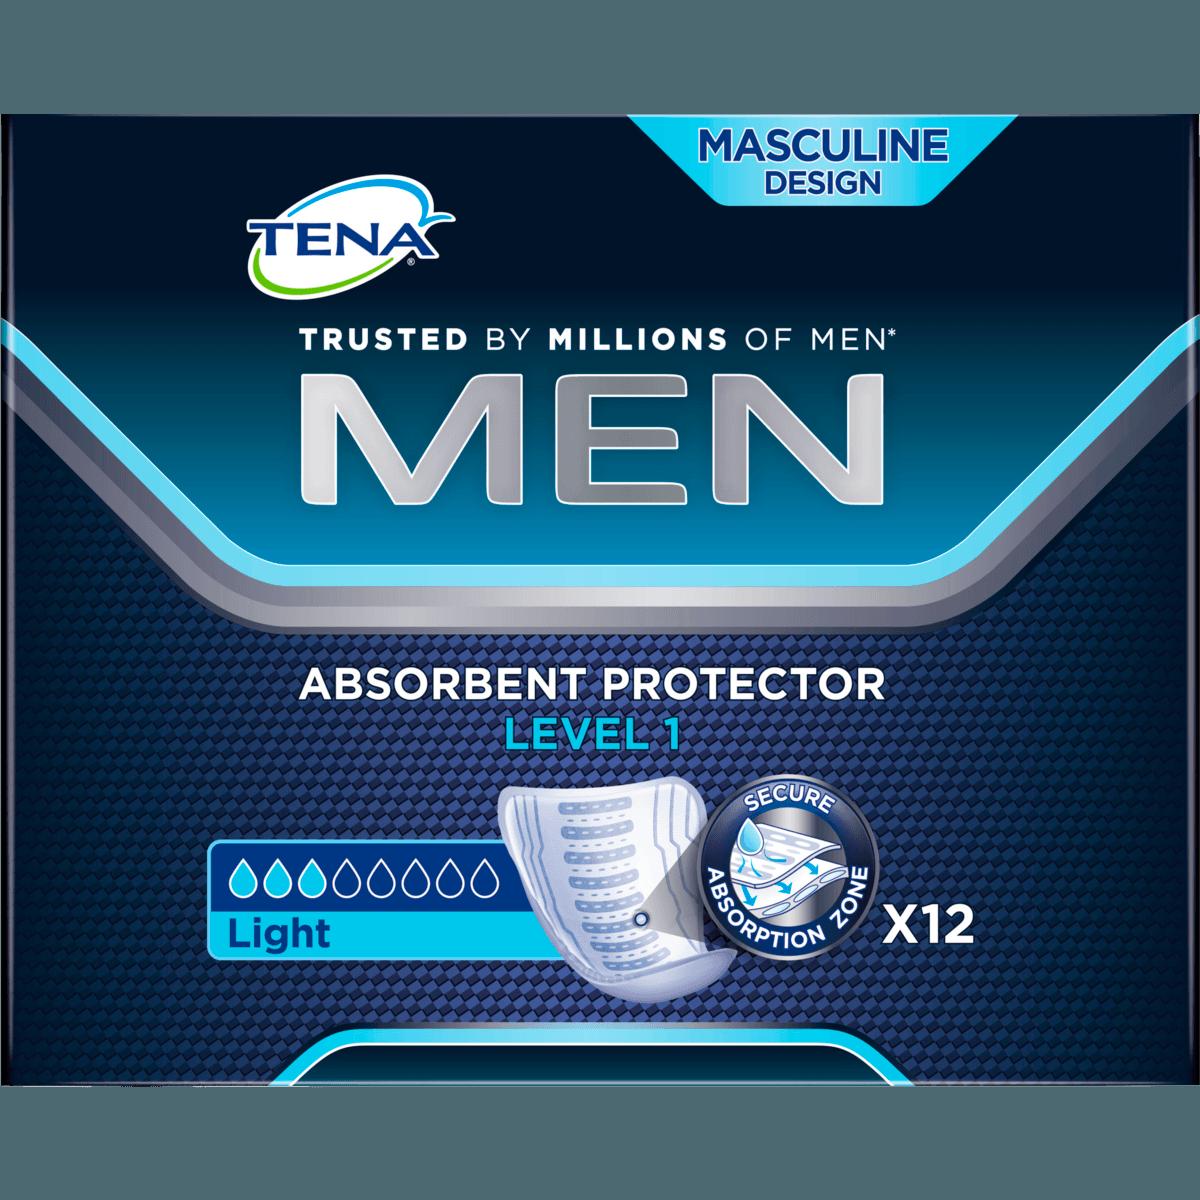 Tena Men Level 1 Light Men